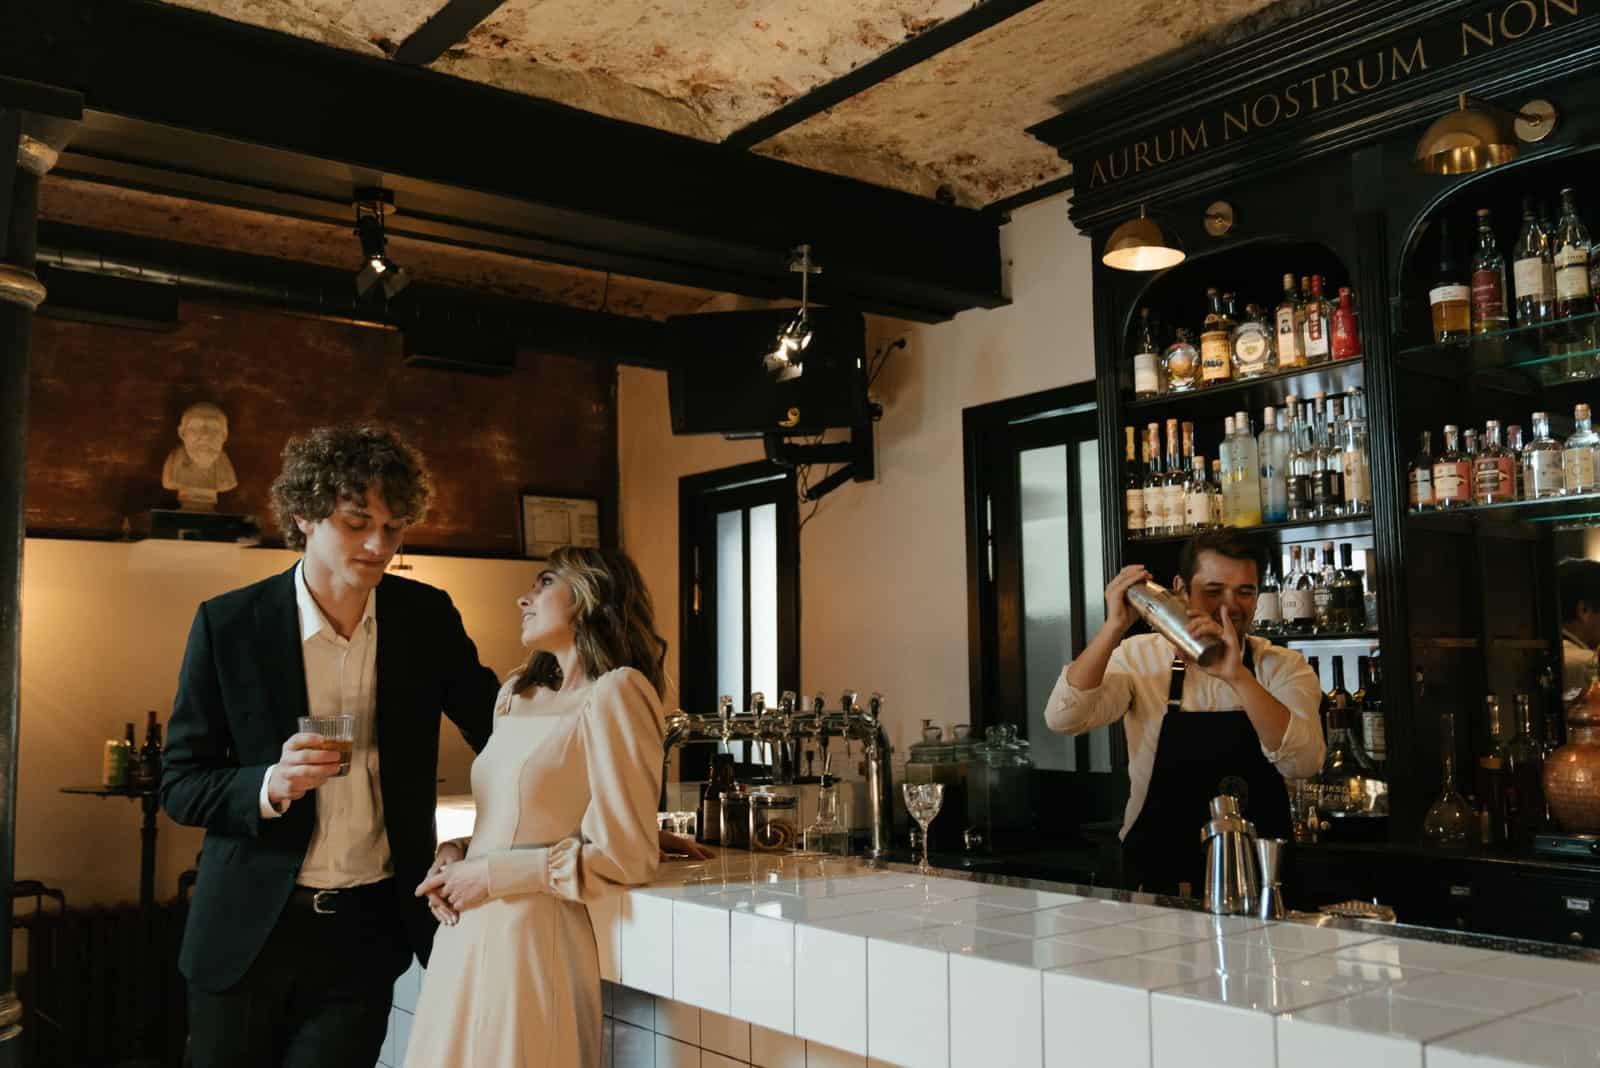 couple buvant des boissons debout dans un bar